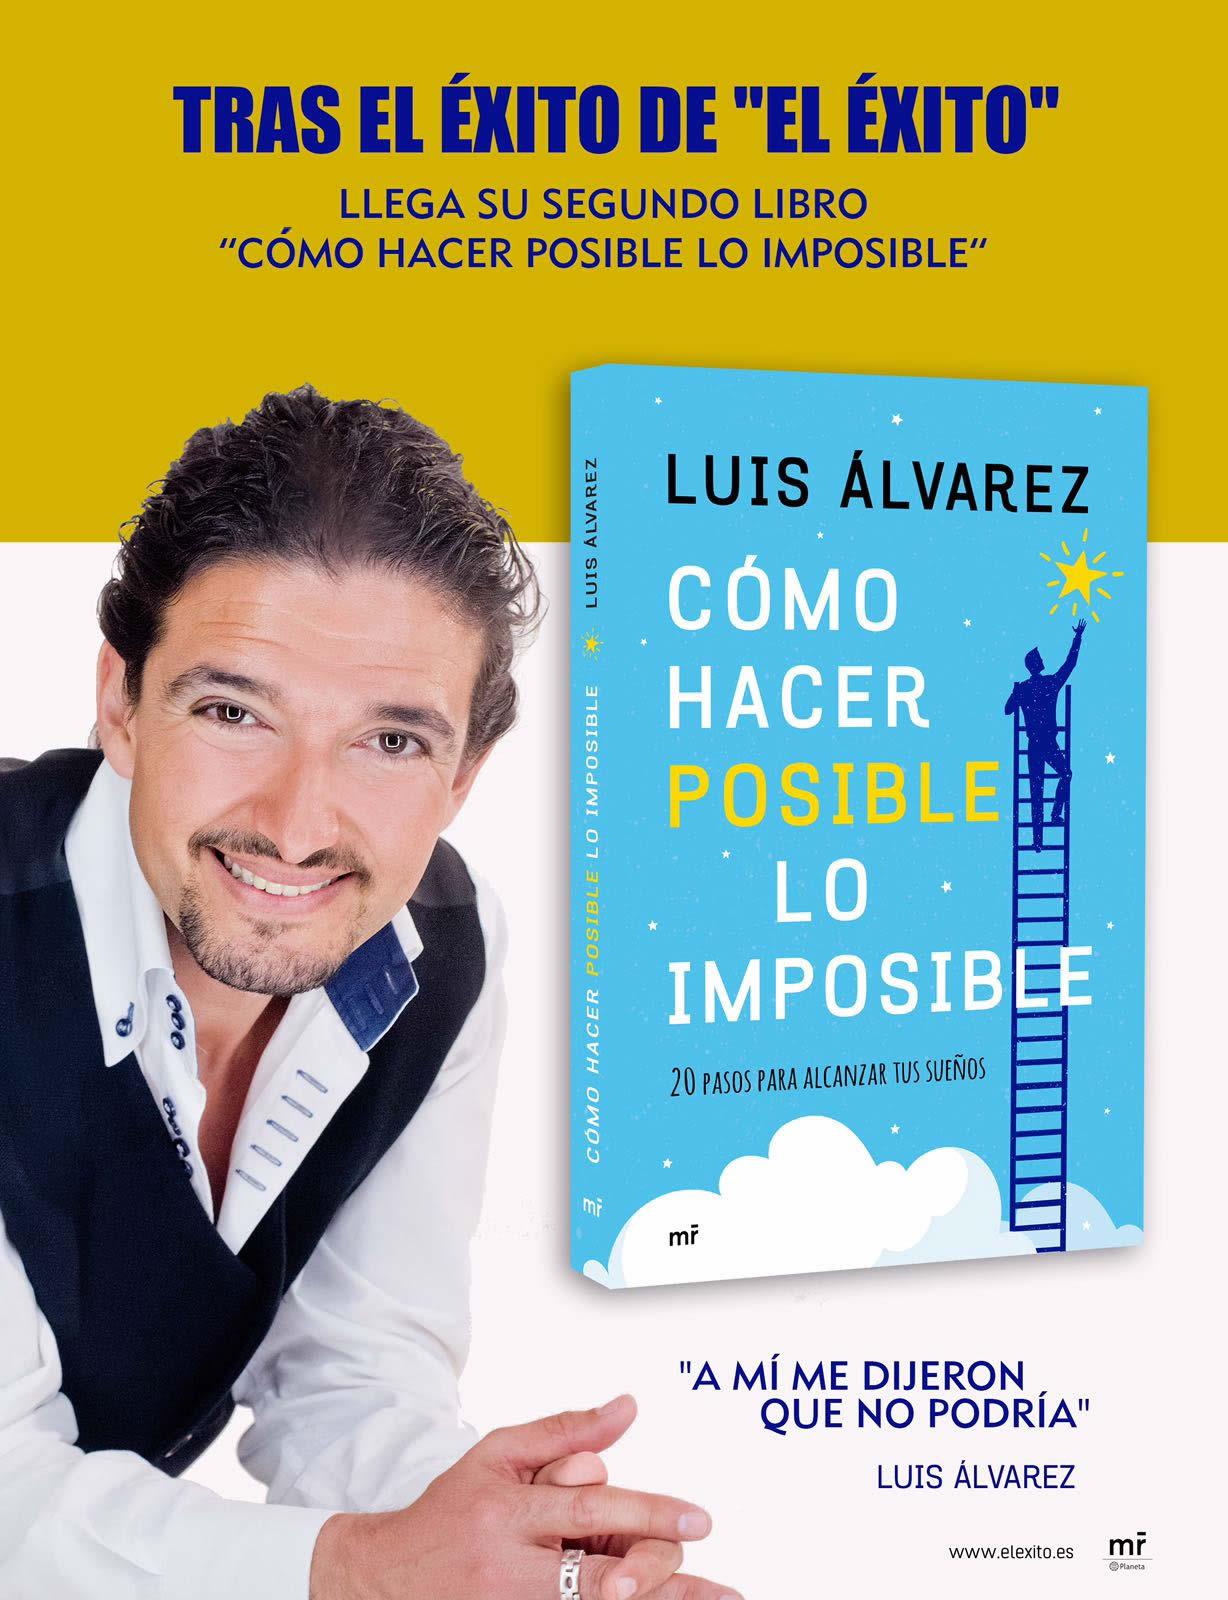 Nuevo libro de Luis Álvarez: Cómo hacer posible lo imposible